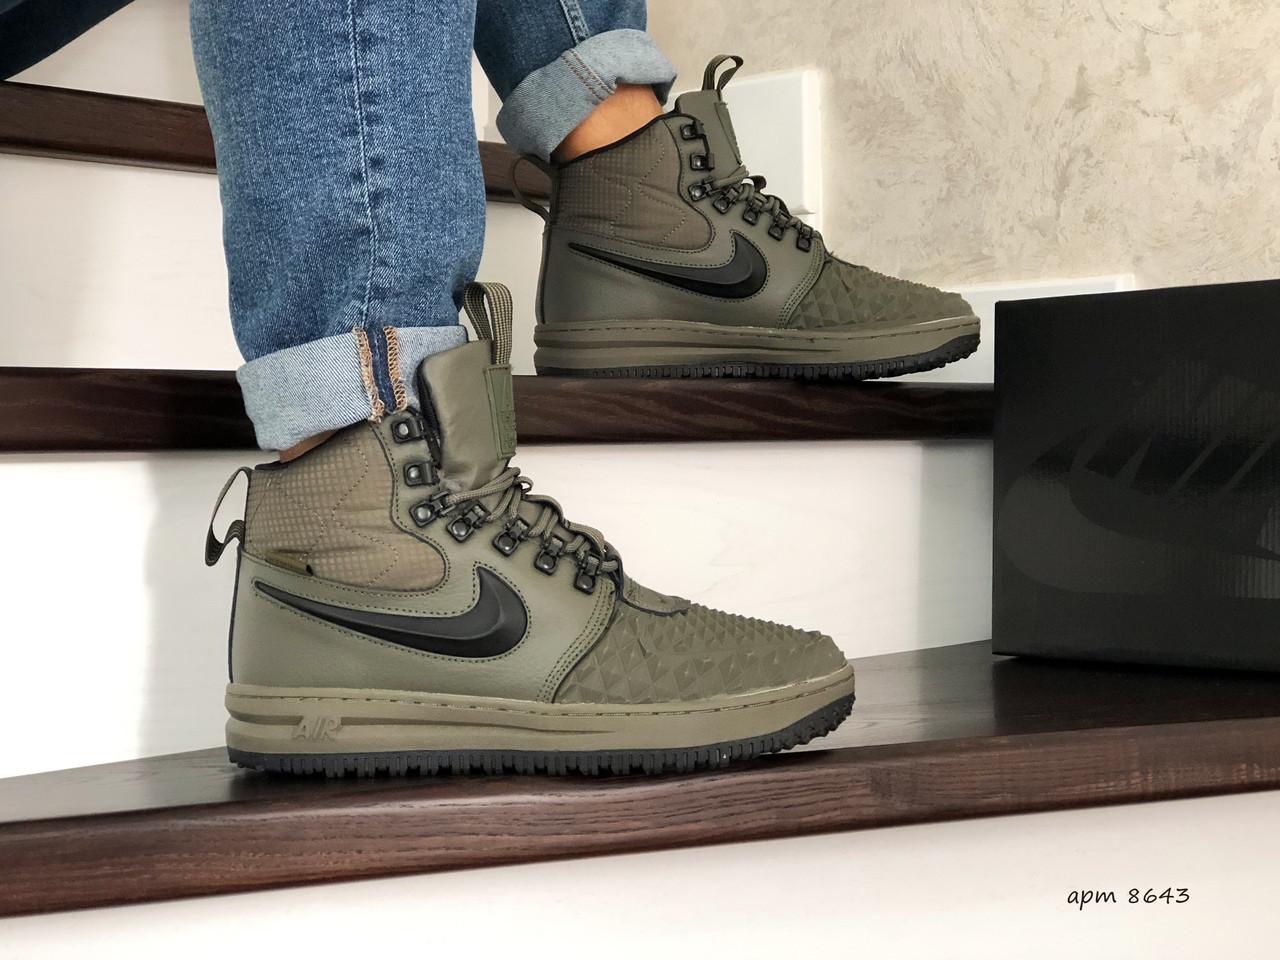 Мужские высокие кроссовки Nike Lunar Force 1 Duckboot,на меху,темно зеленые